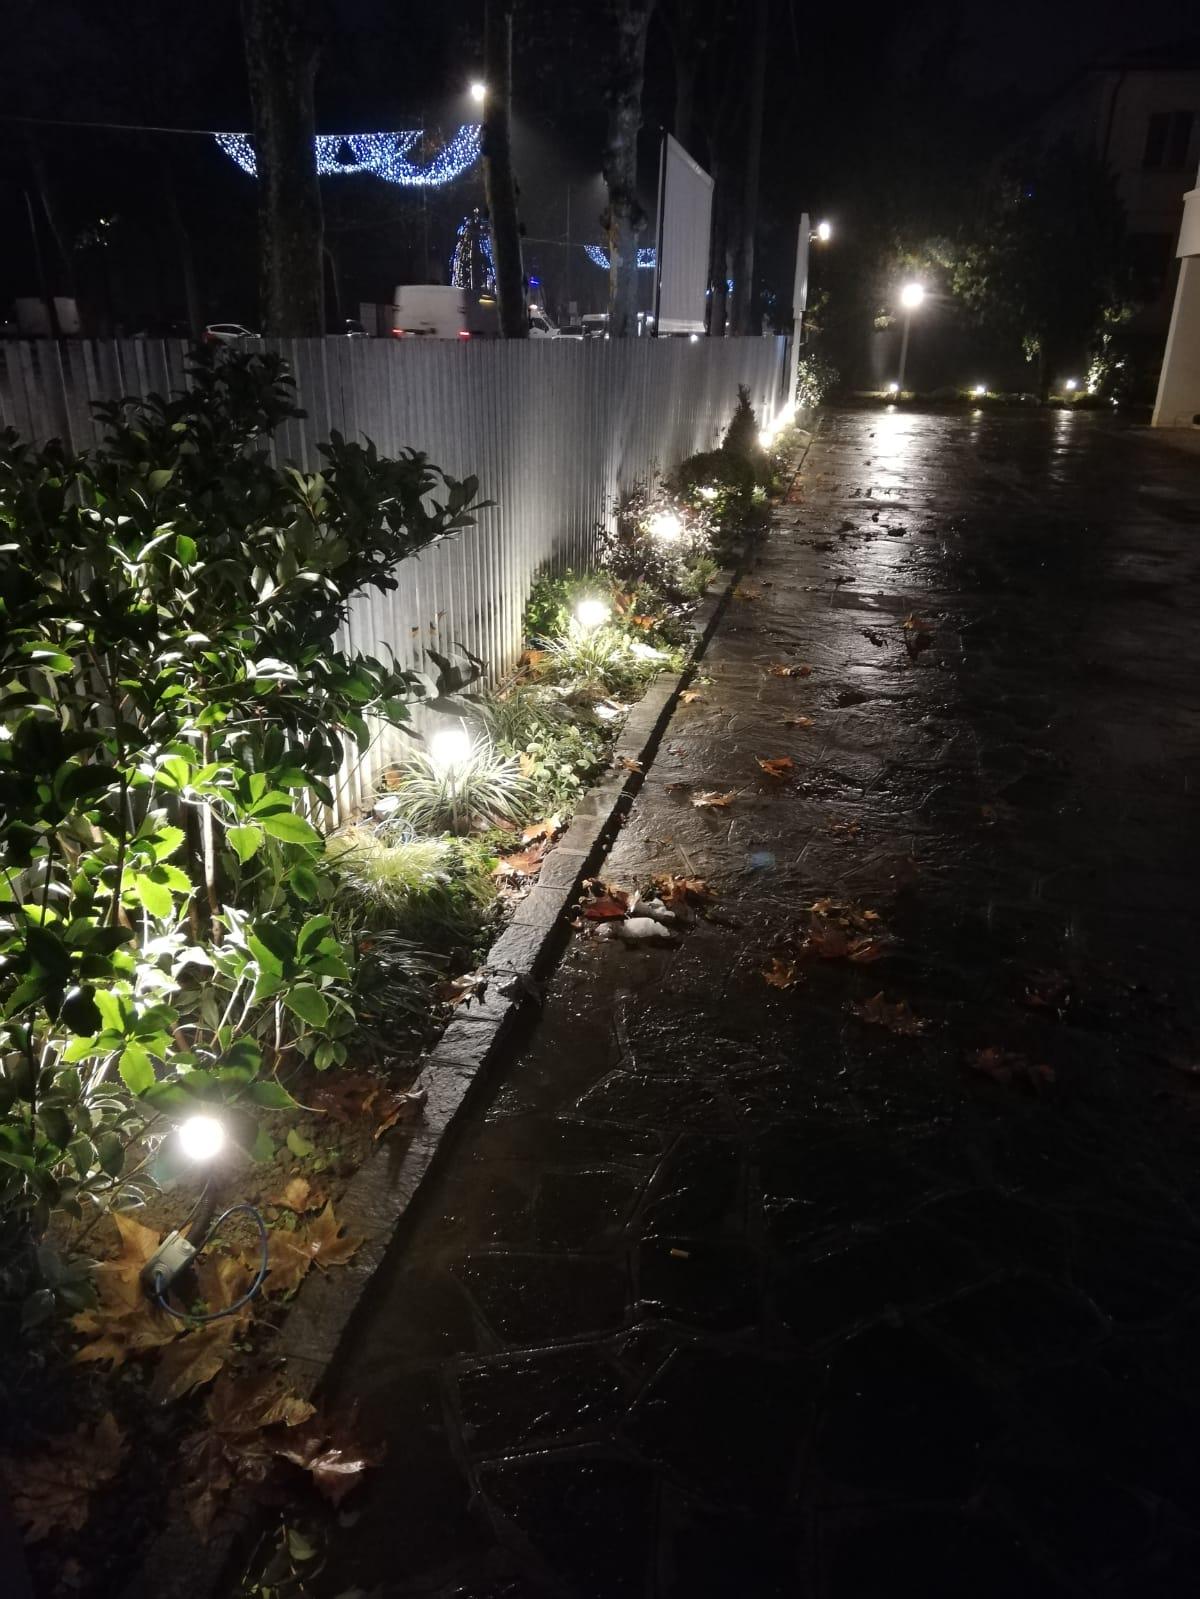 Luci Per Tettoia In Legno 4 idee con i faretti led da esterno - illuminazione giardino